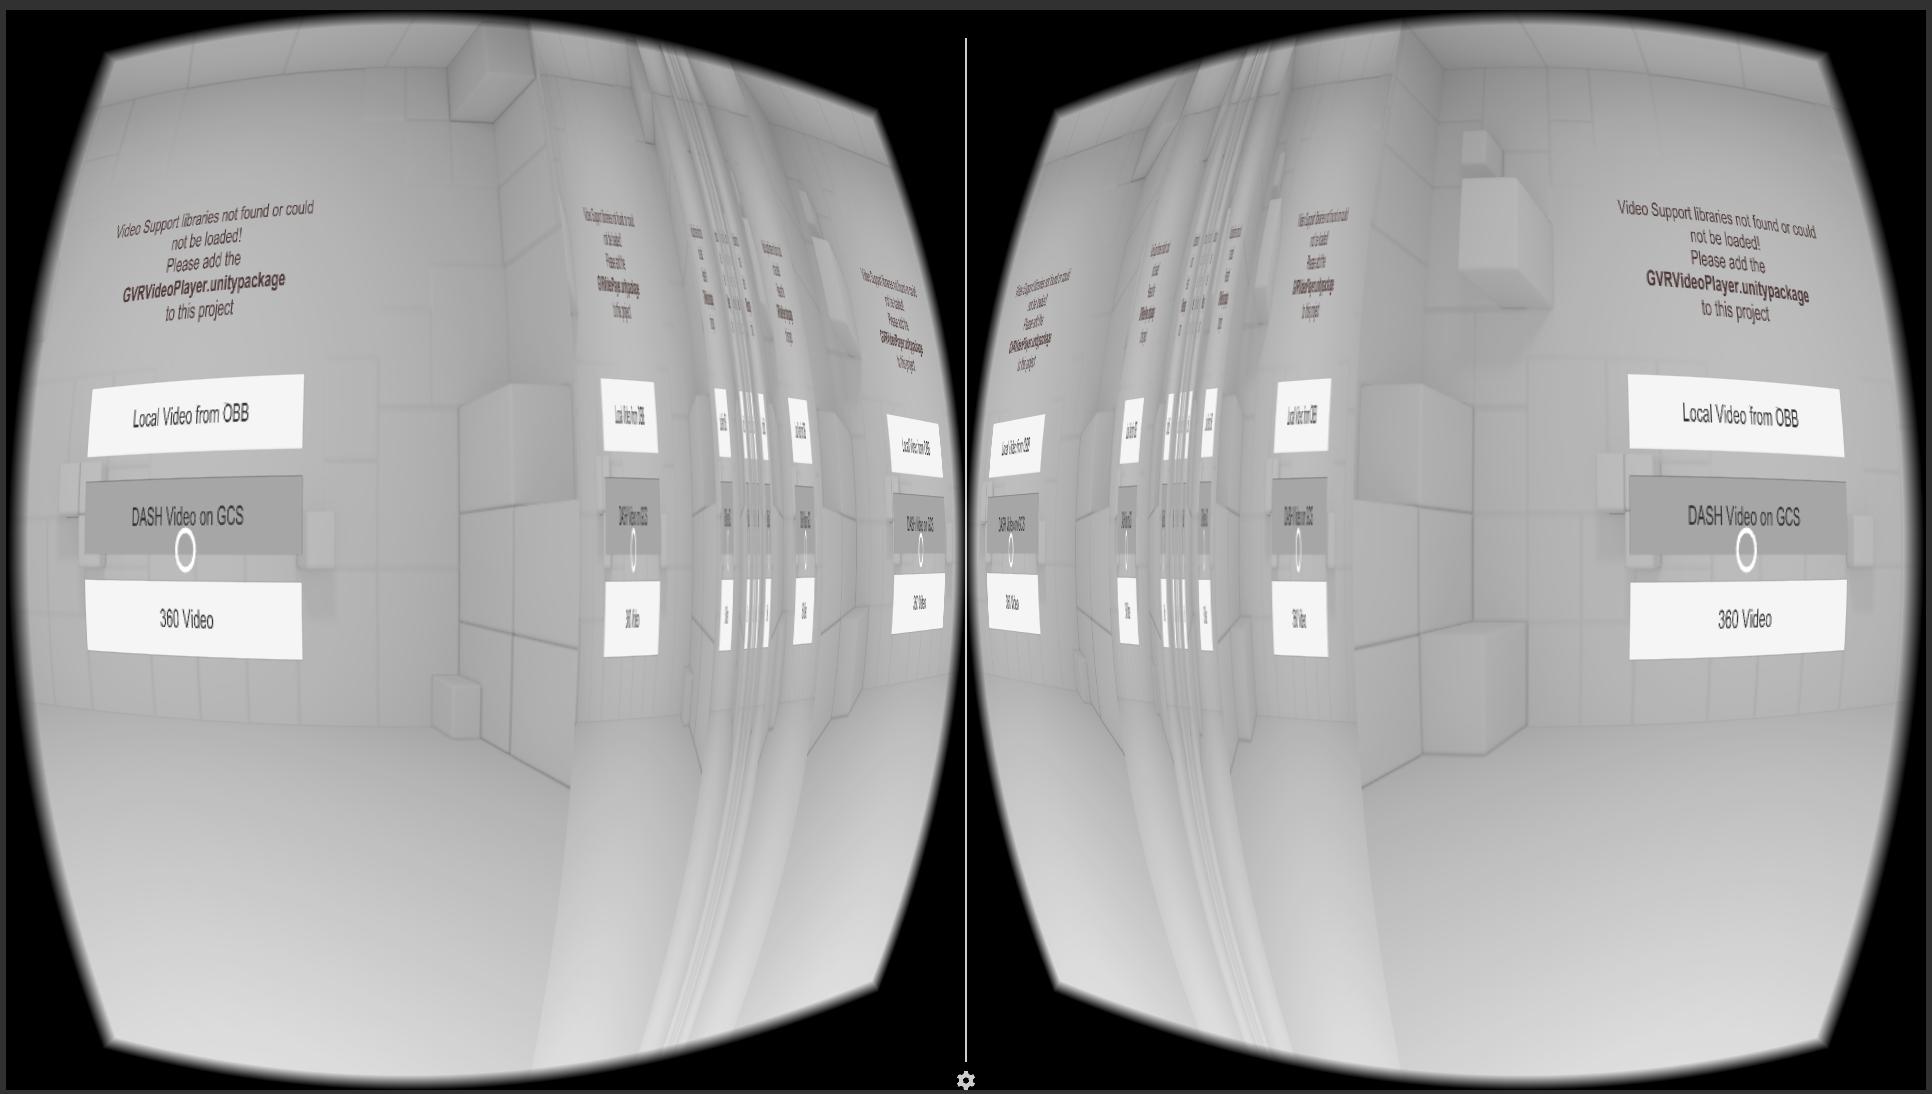 Google VR SDK 1 10 + Unity 5 5 broken? | Page 2 - Unity Forum